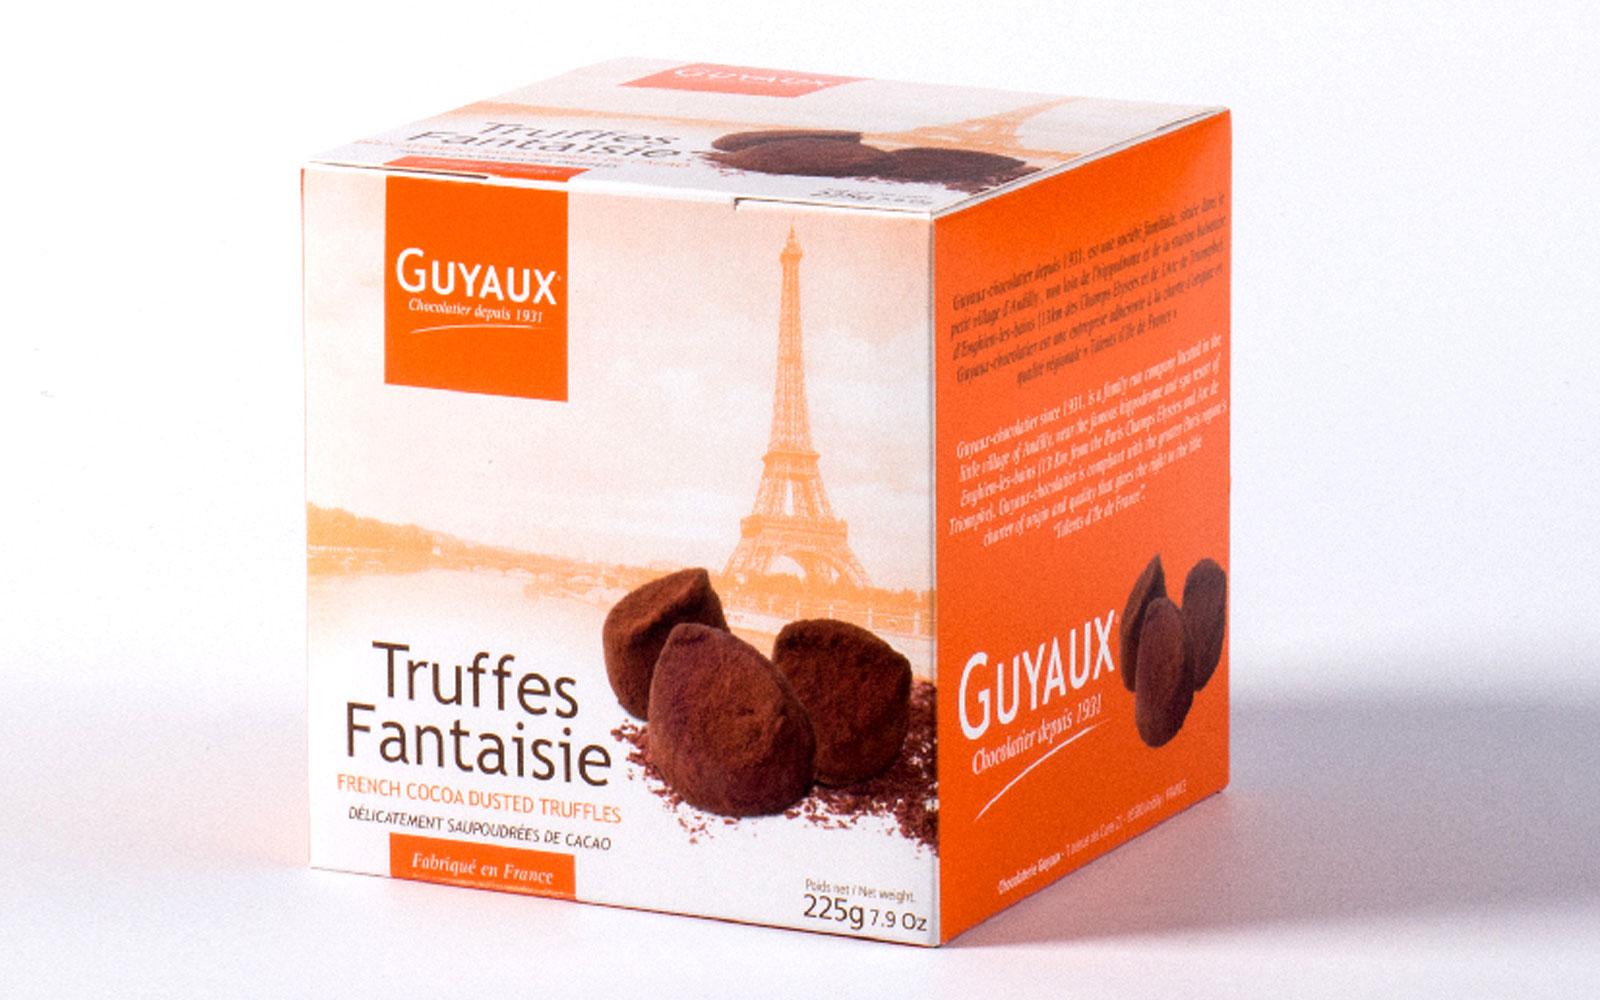 guyaux truffes fantaisie 225g